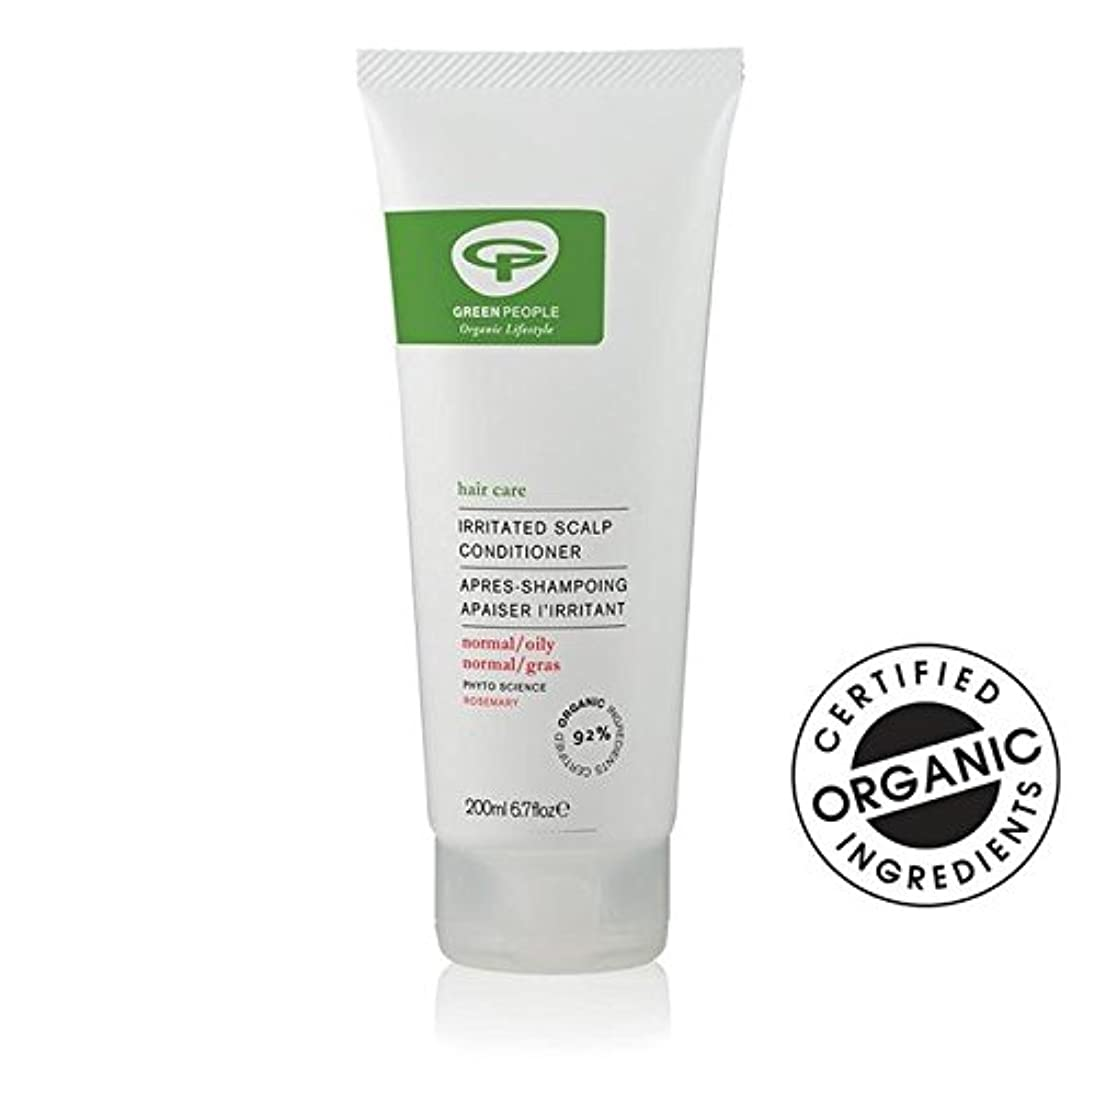 支援悪魔教室Green People Irritated Scalp Conditioner 200ml - 緑の人々イライラ頭皮コンディショナー200 [並行輸入品]